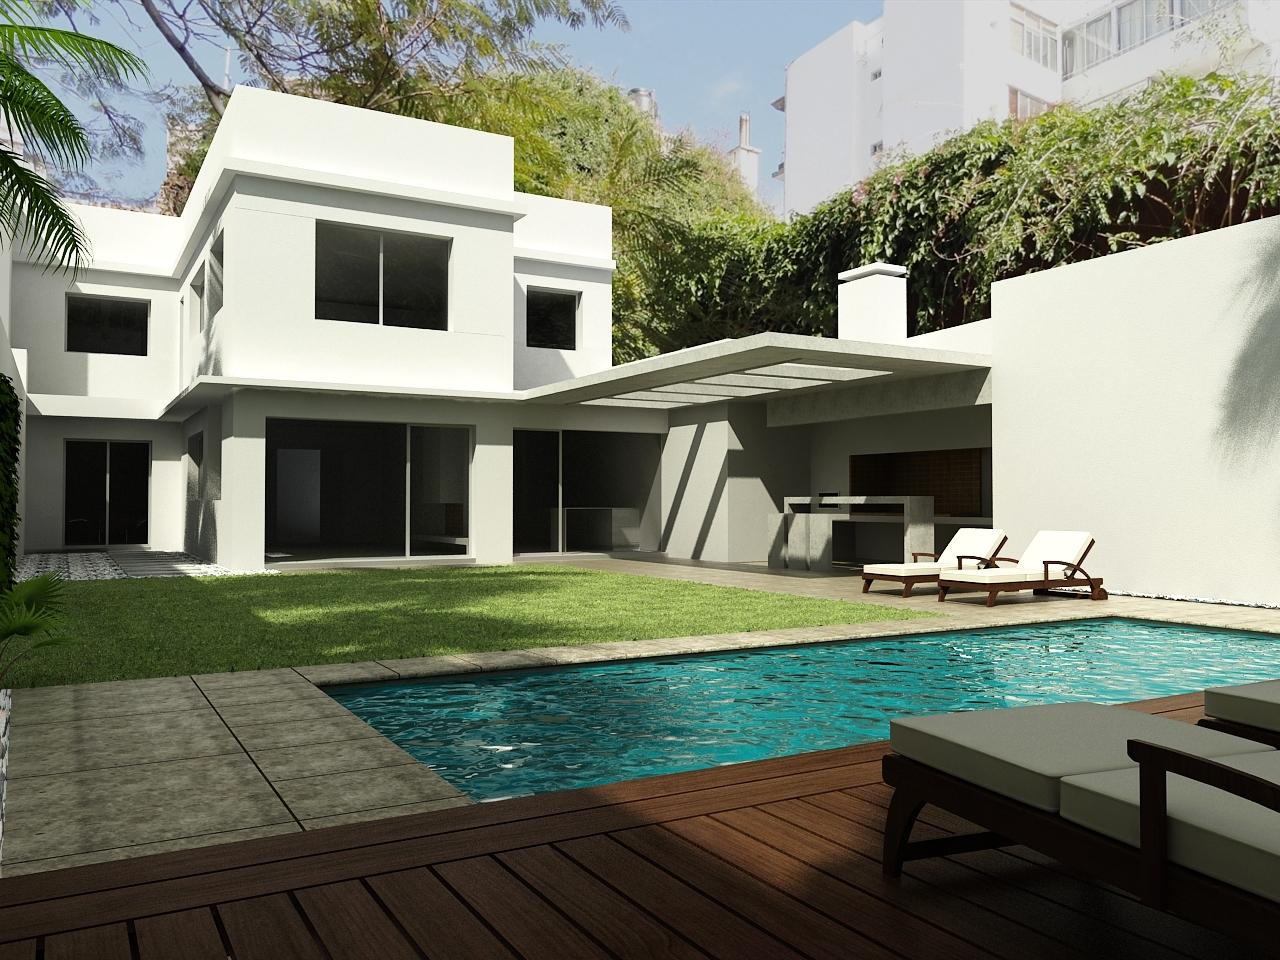 Casa roque graseras dise o arquitectura moderna uruguay for Arquitectura de casas modernas planos